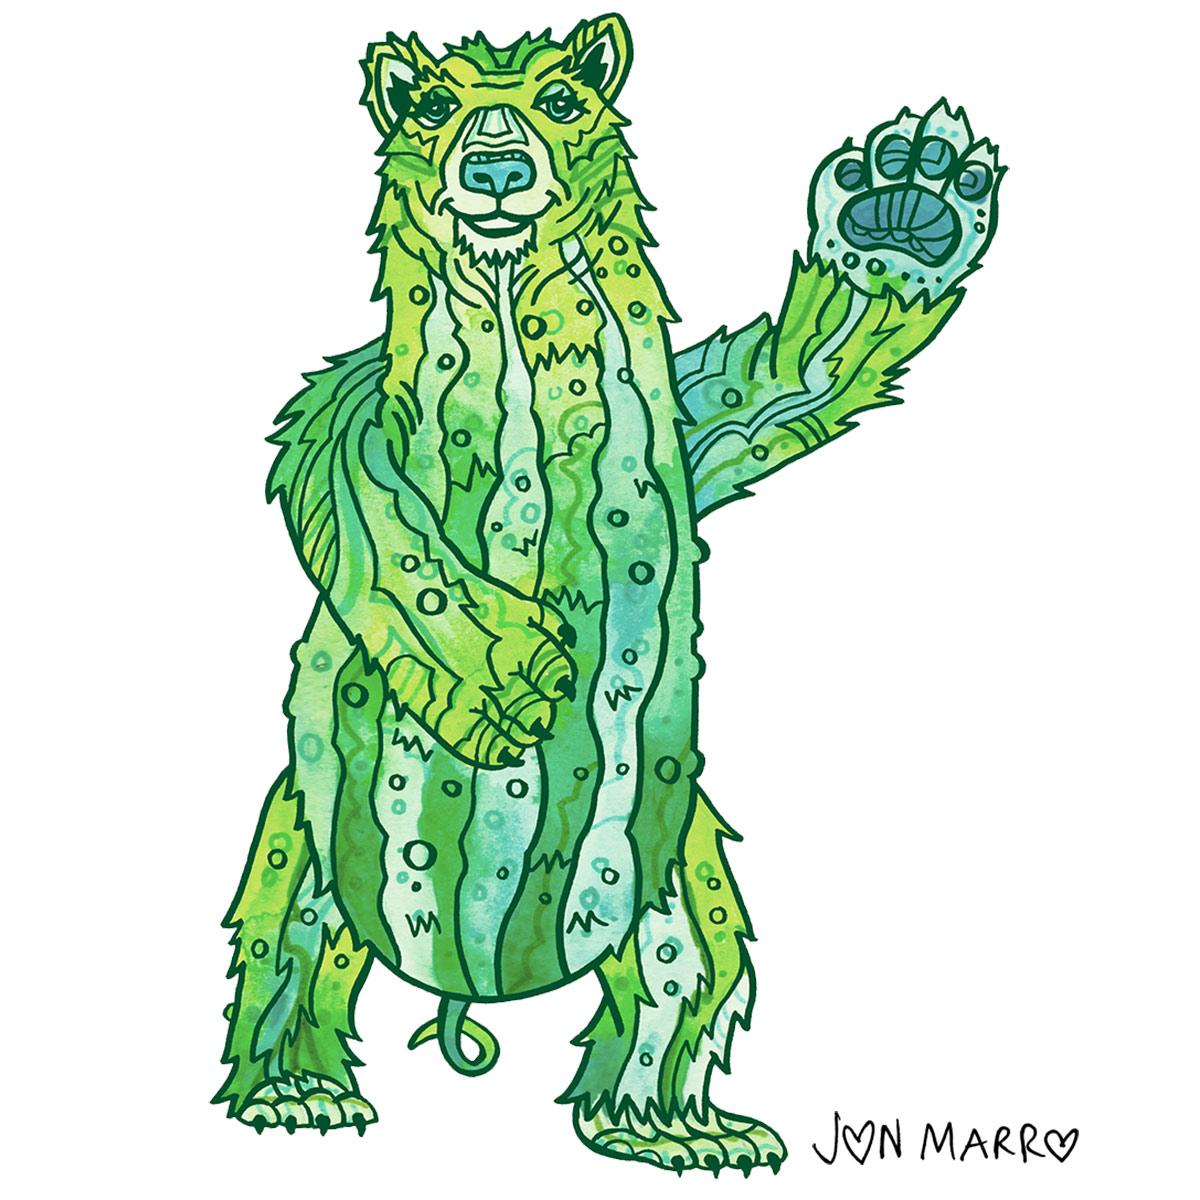 Cucumbear